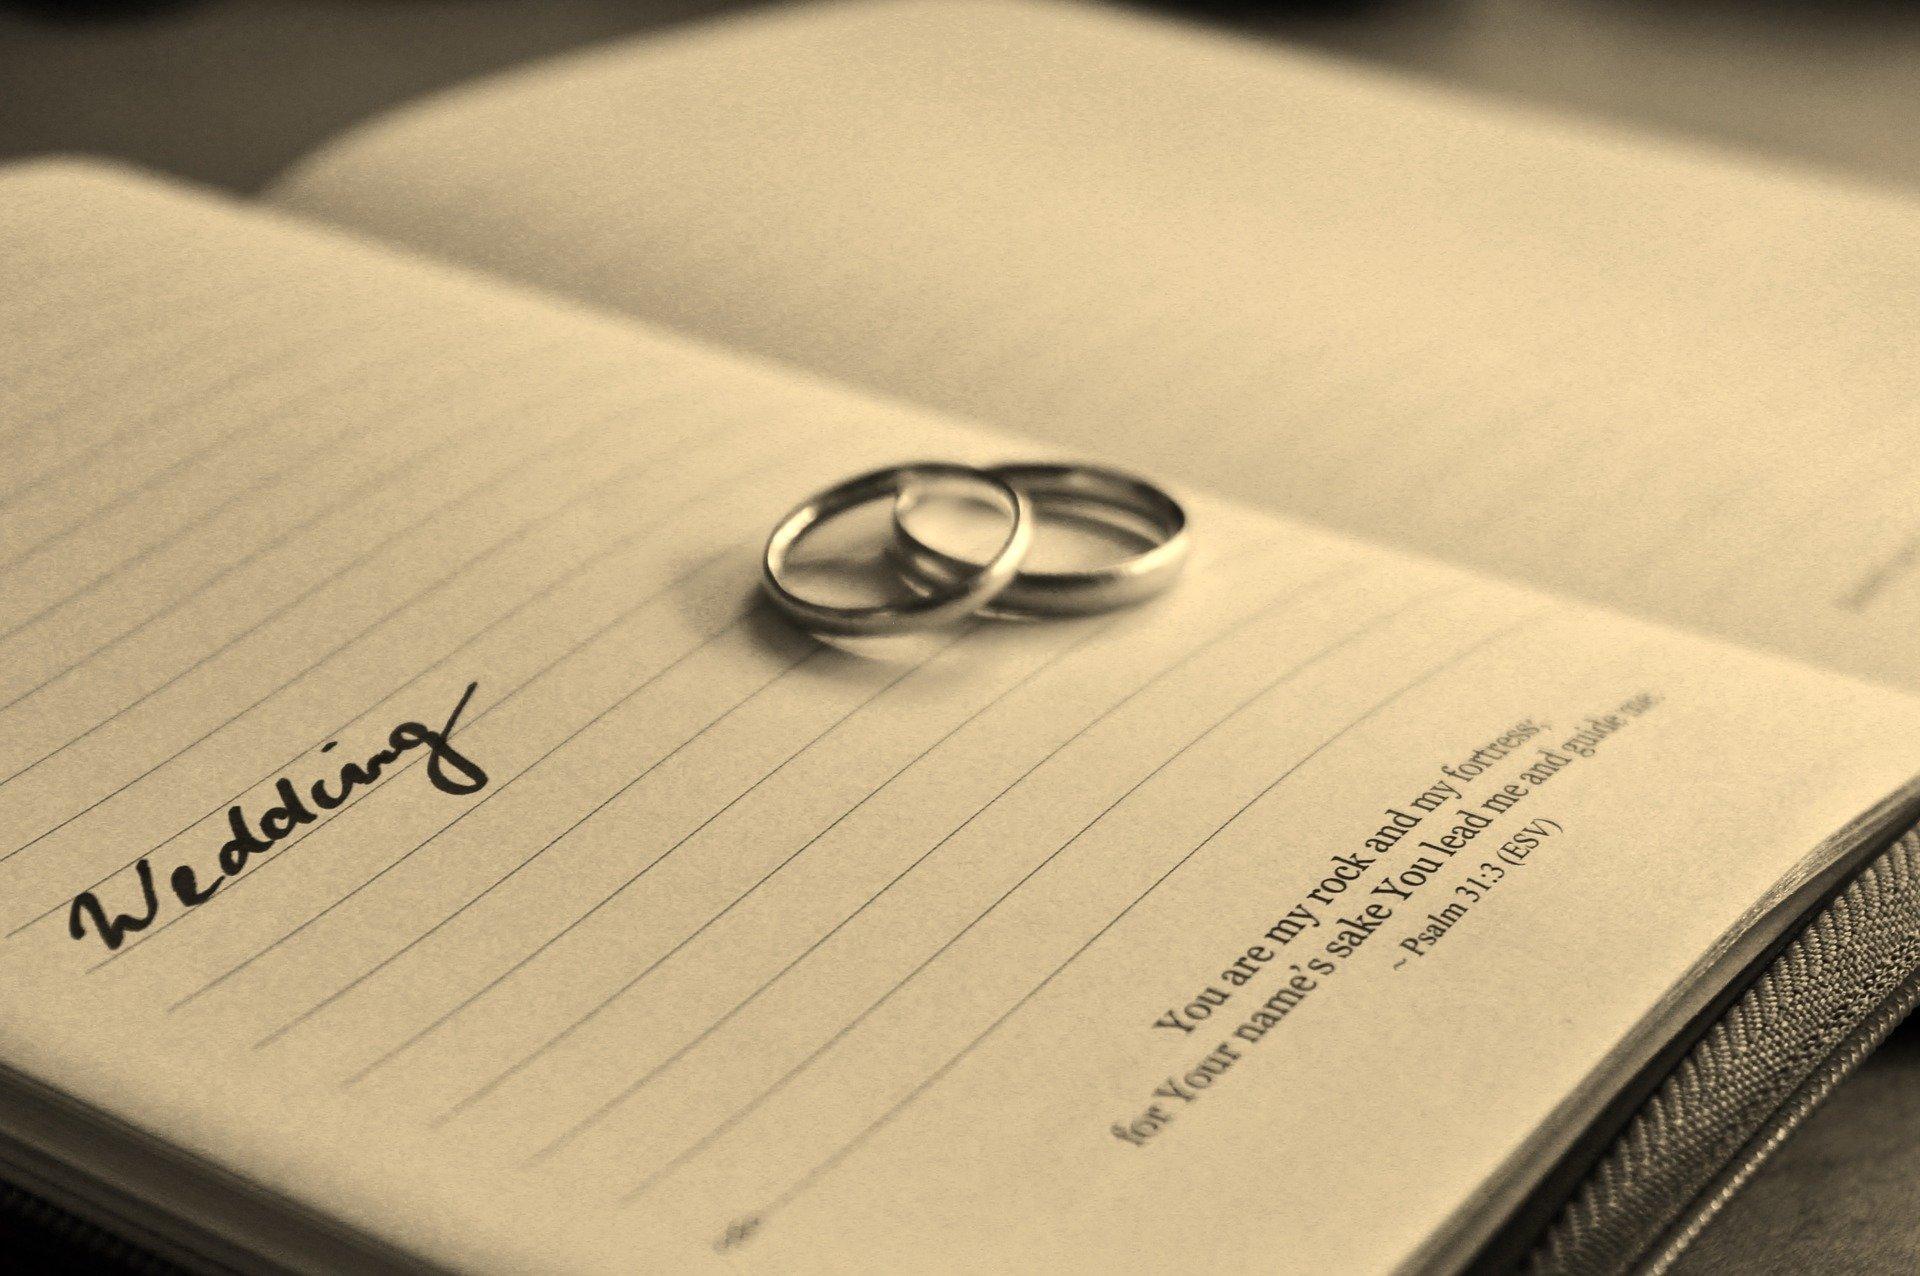 新潟先輩カップルの婚約指輪(エンゲージリング)結婚指輪(マリッジリング)|シンプルすぎないダイヤモンドの輝き にわか(俄 NIWAKA)せせらぎ